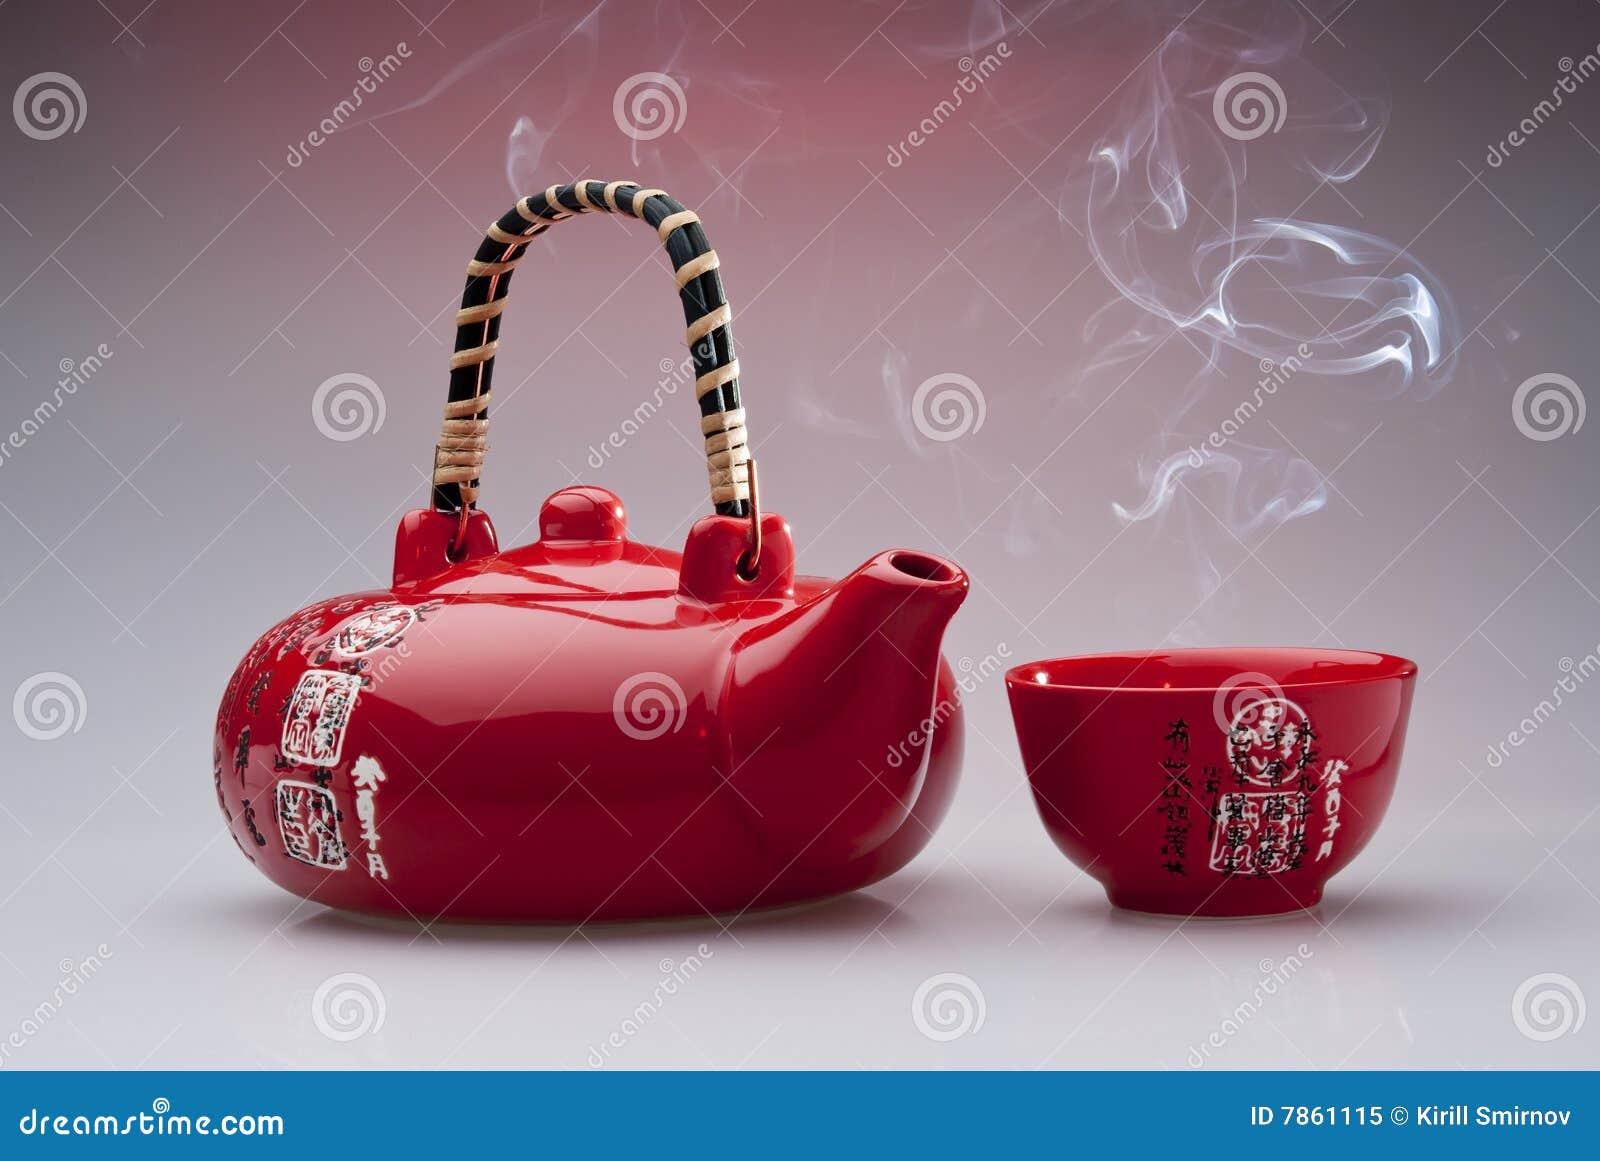 chinesische teekanne und cup stockbild bild von bruch frische 7861115. Black Bedroom Furniture Sets. Home Design Ideas